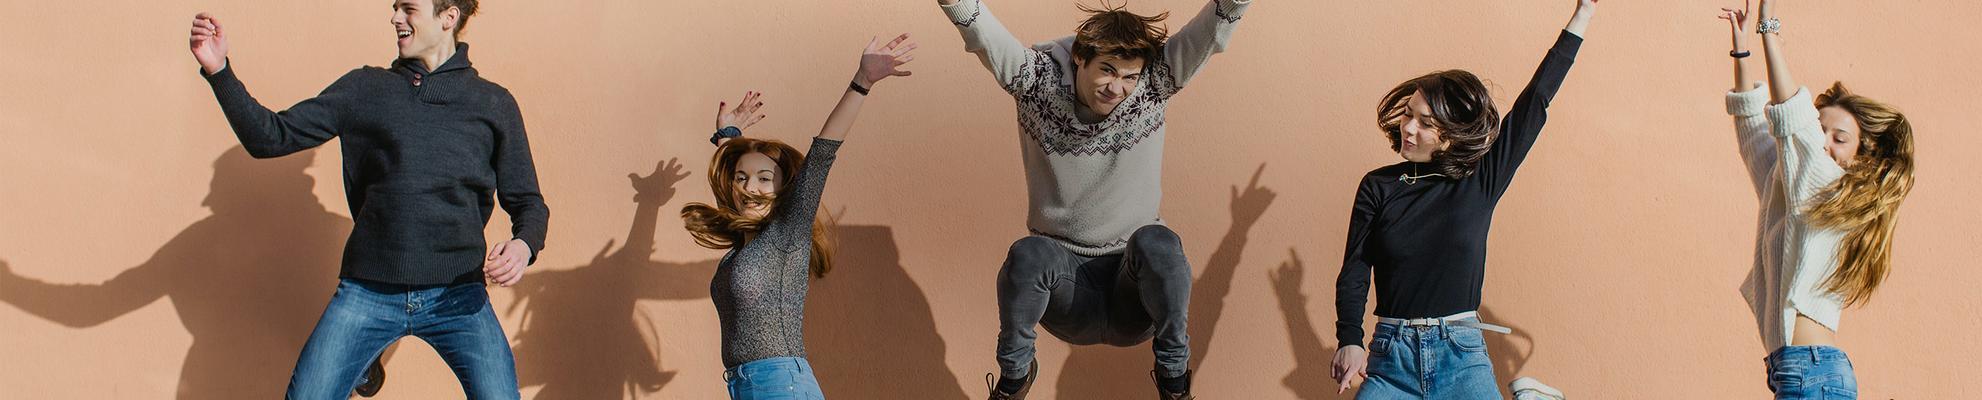 Foto de amigos saltando en el aire